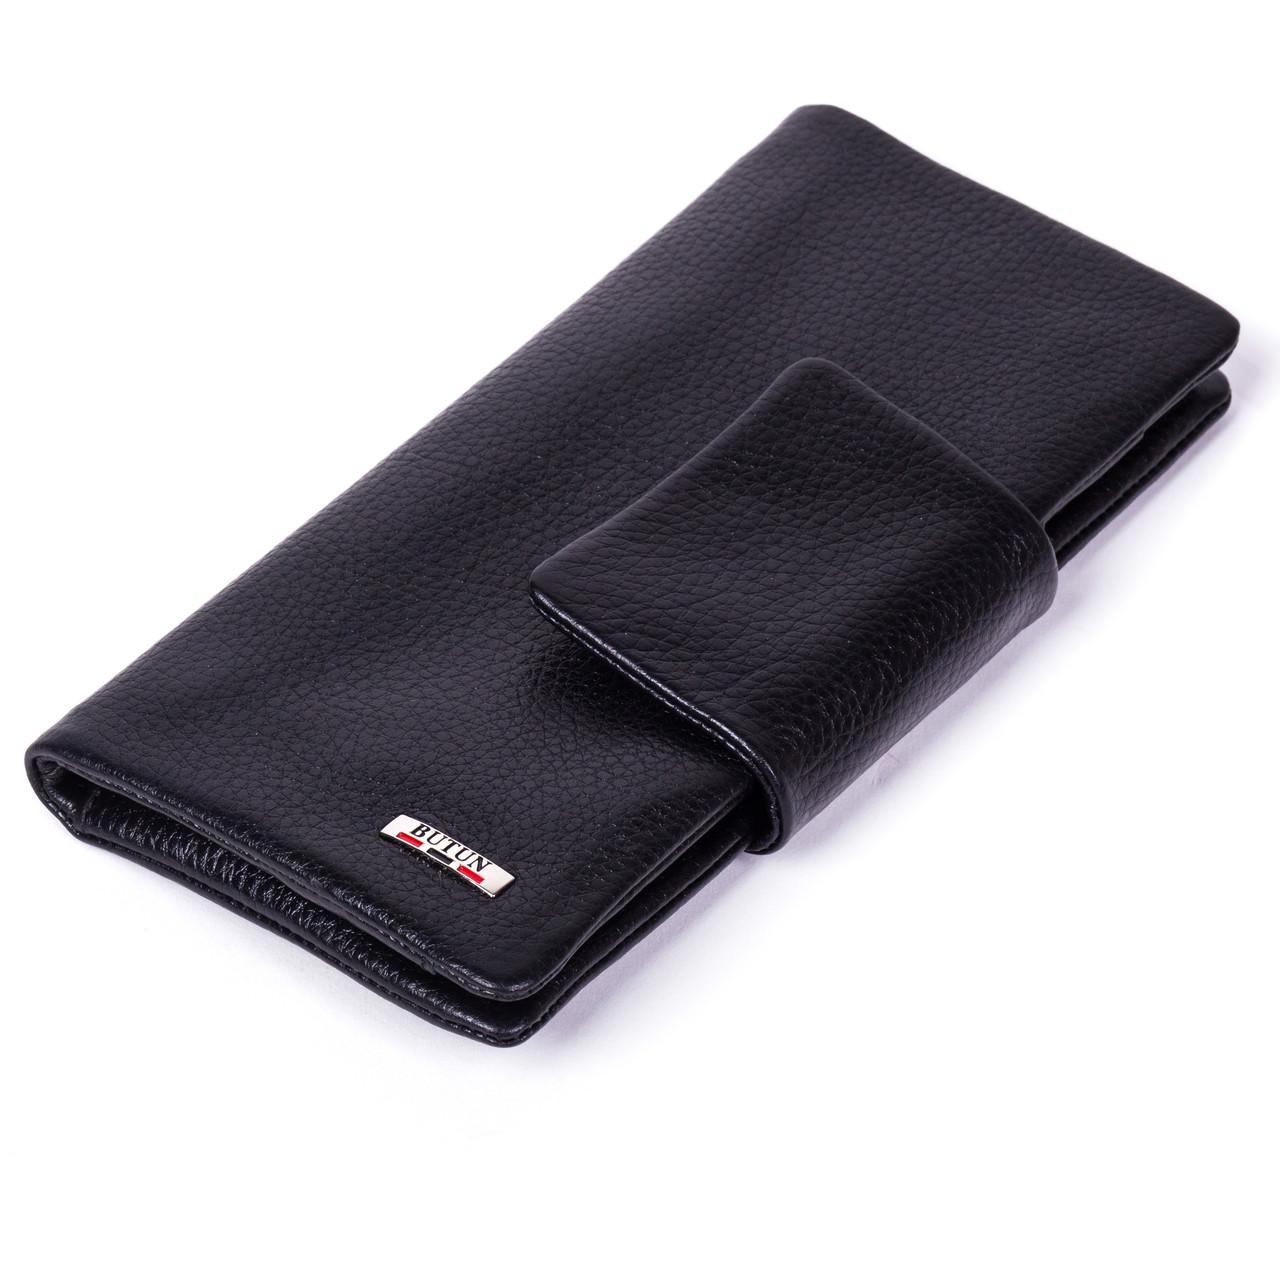 Женский кошелек клатч Butun 638-004-001 кожаный черный